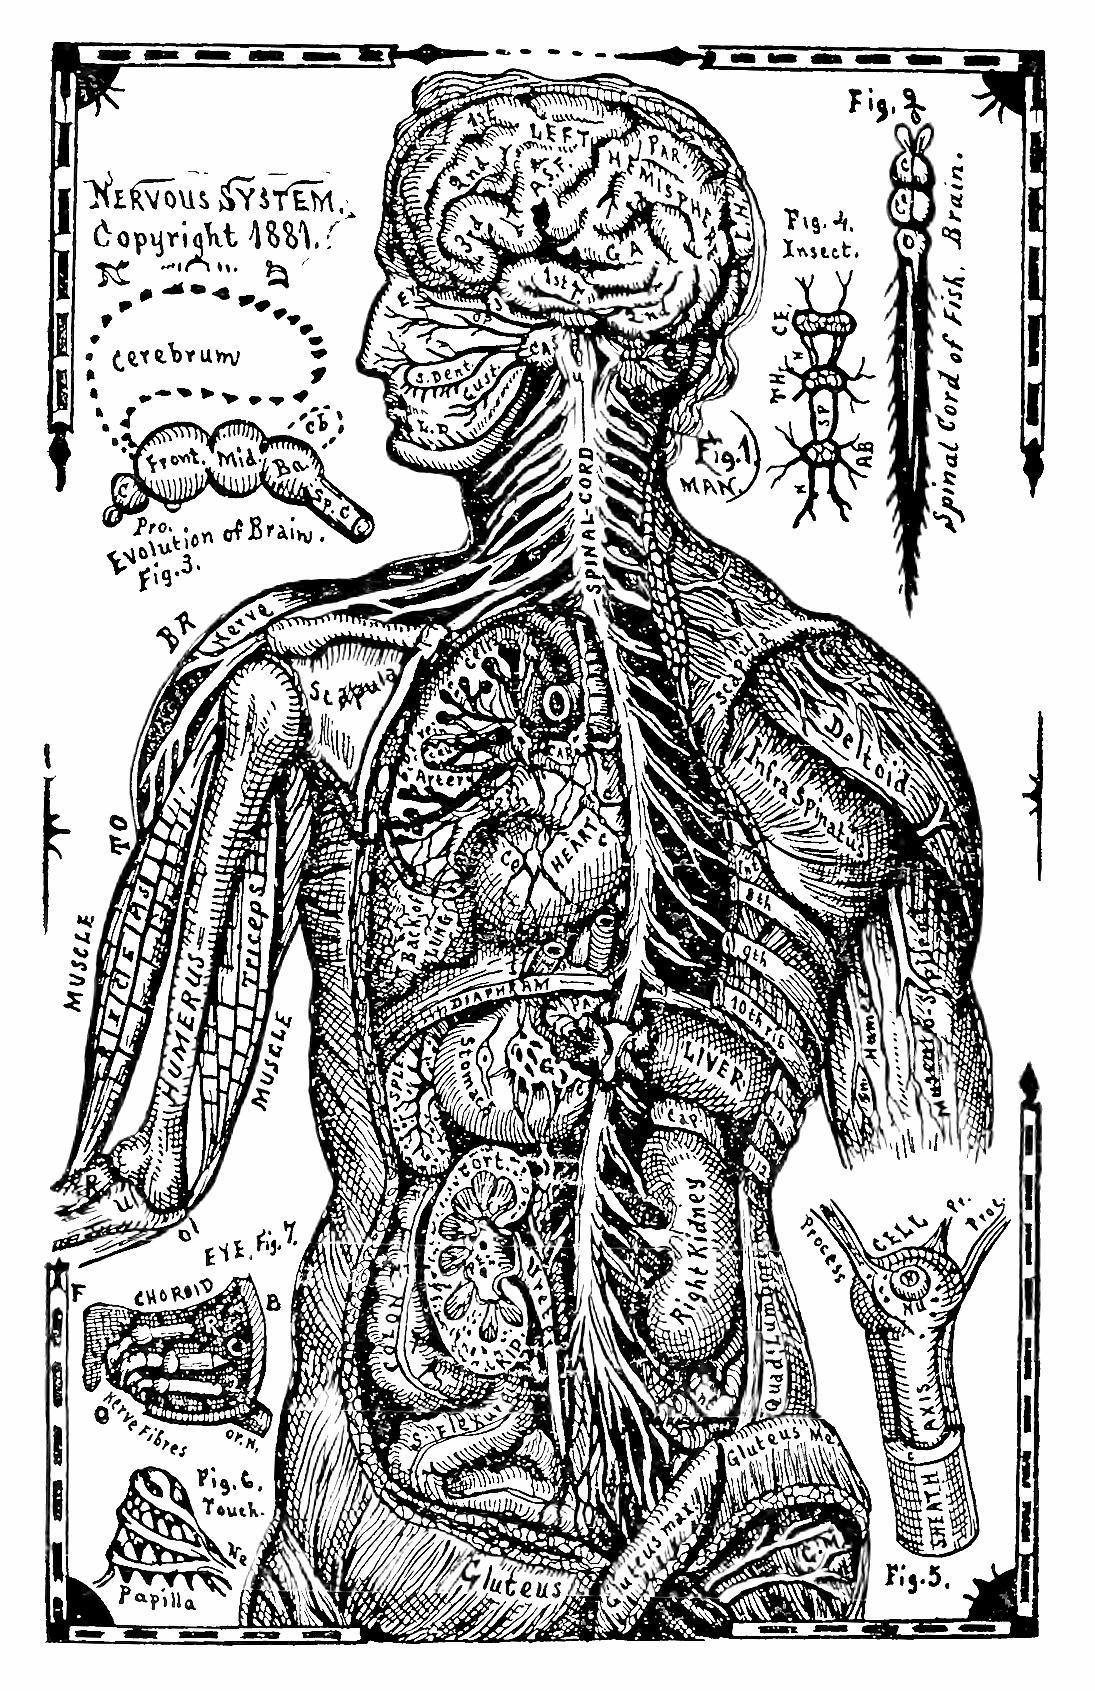 38_nervous_system.jpg